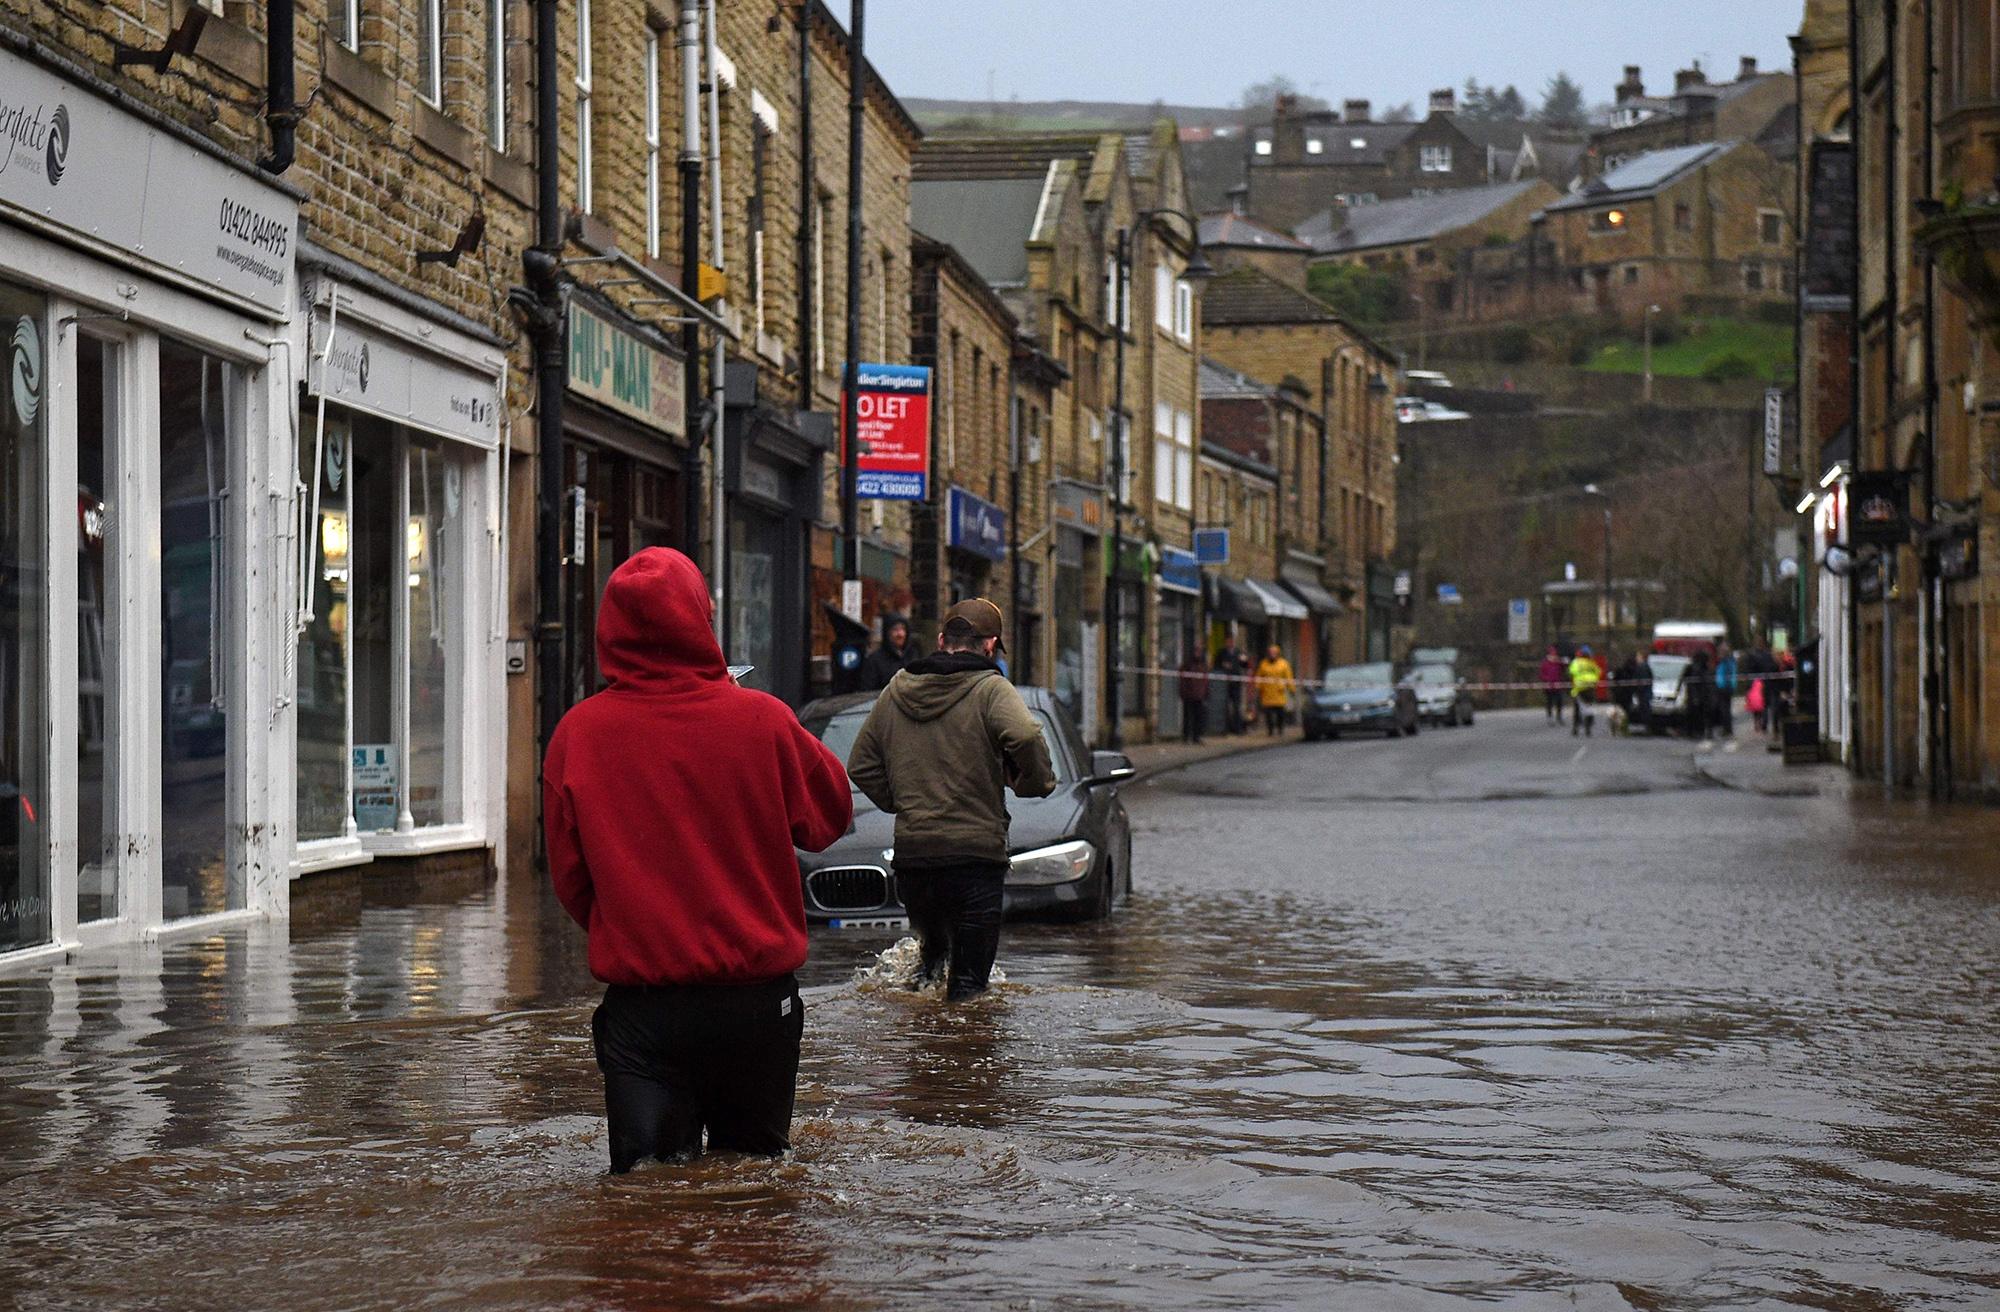 Потоп вгородке Хебден Бридж вграфстве Западный Йоркшир, Великобритания